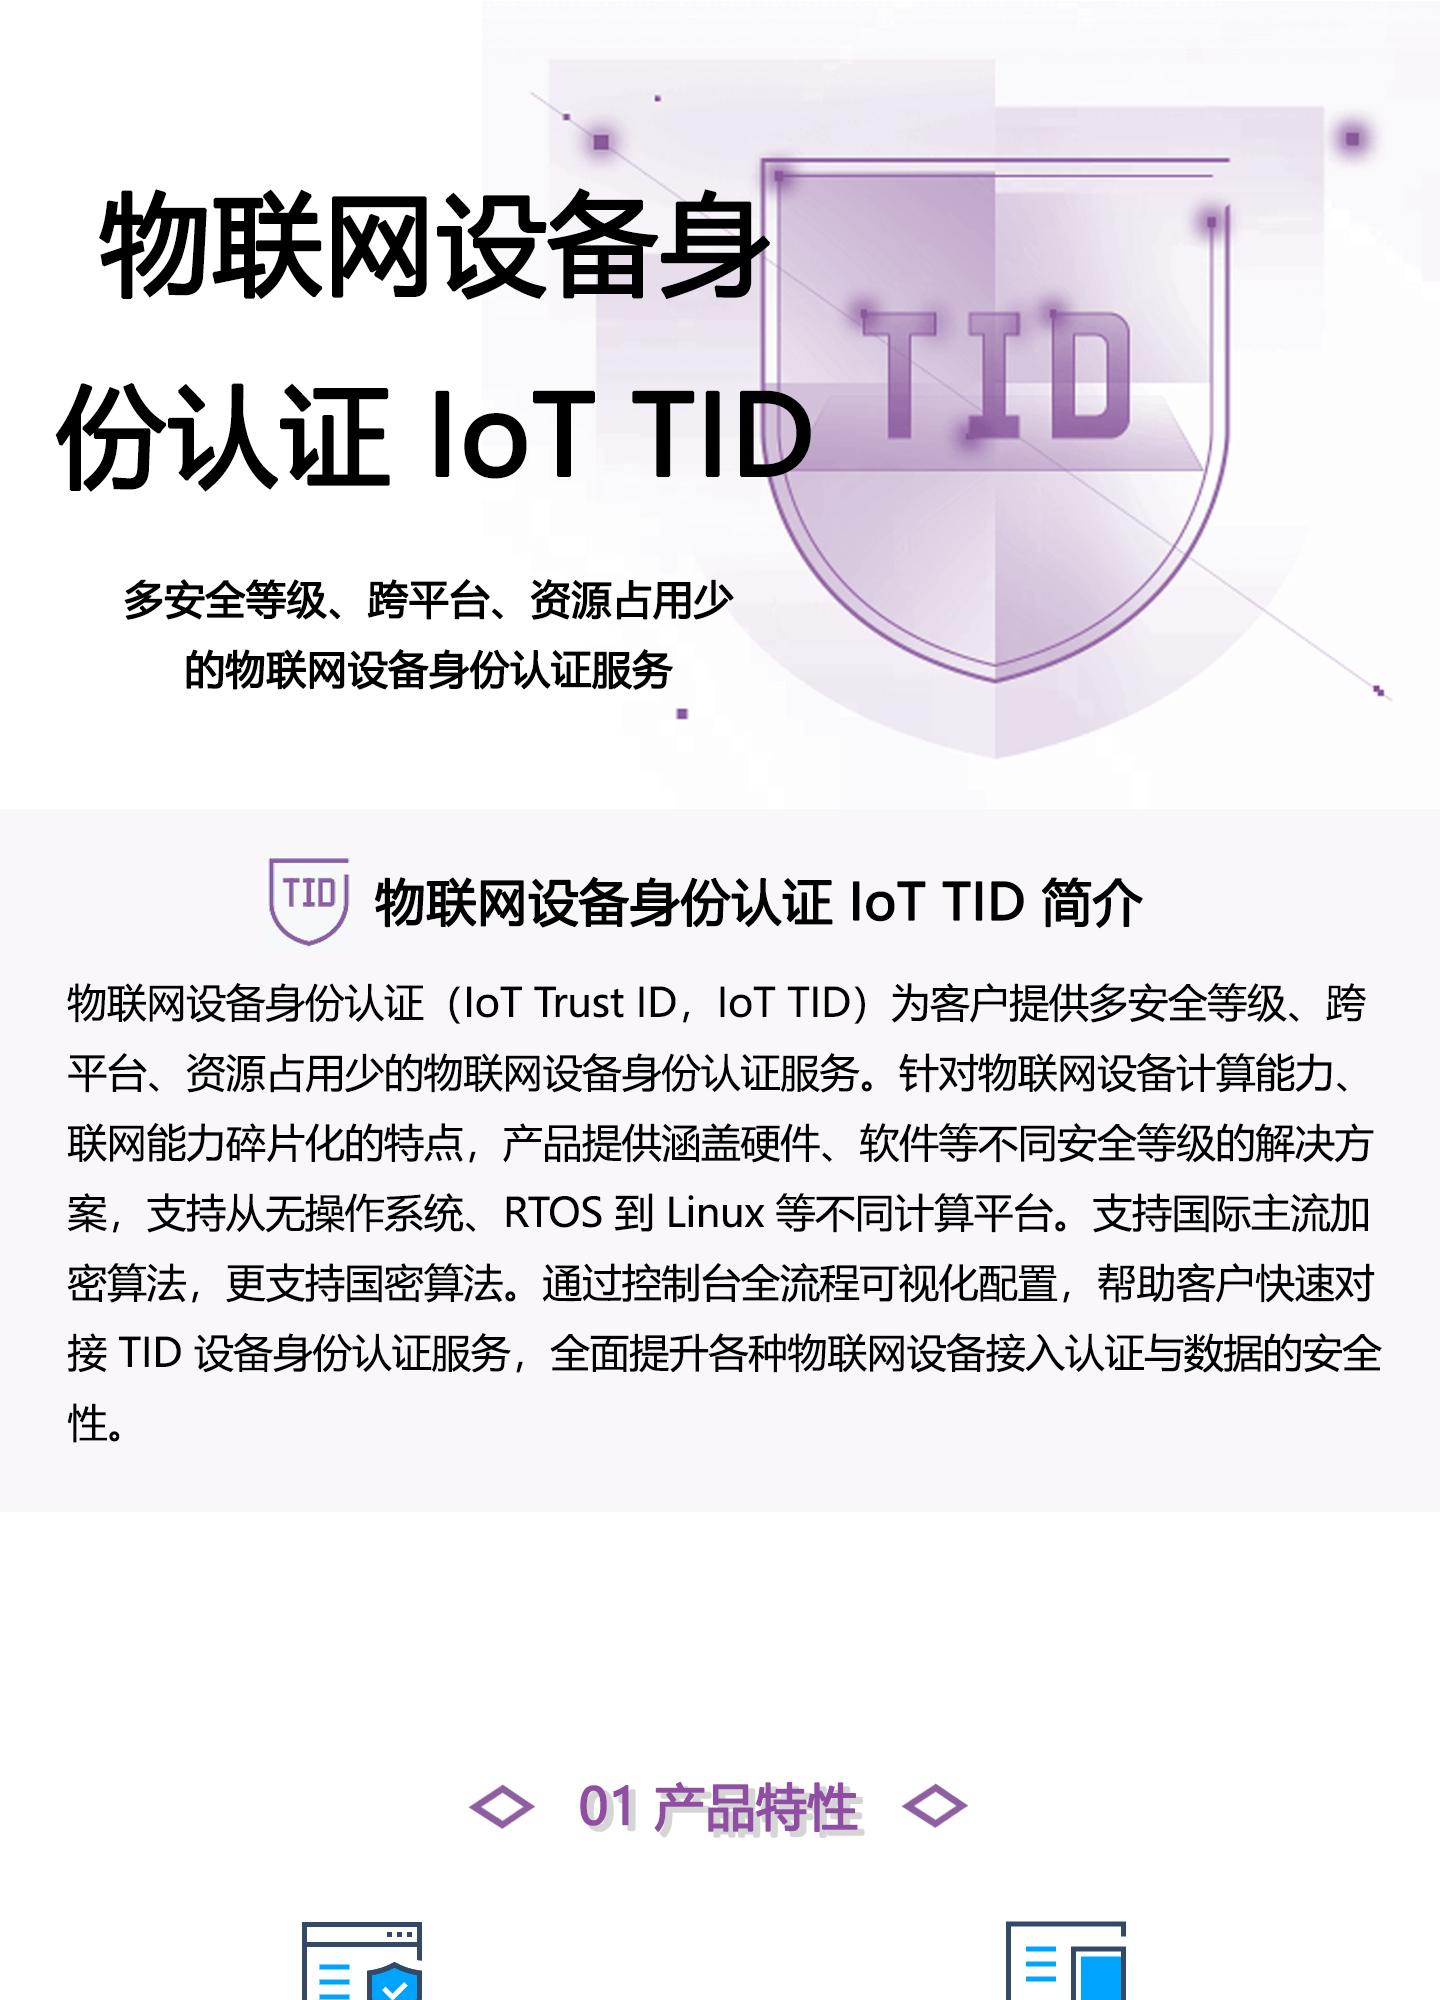 物联网设备身份认证-IoT-TID1440_01.jpg